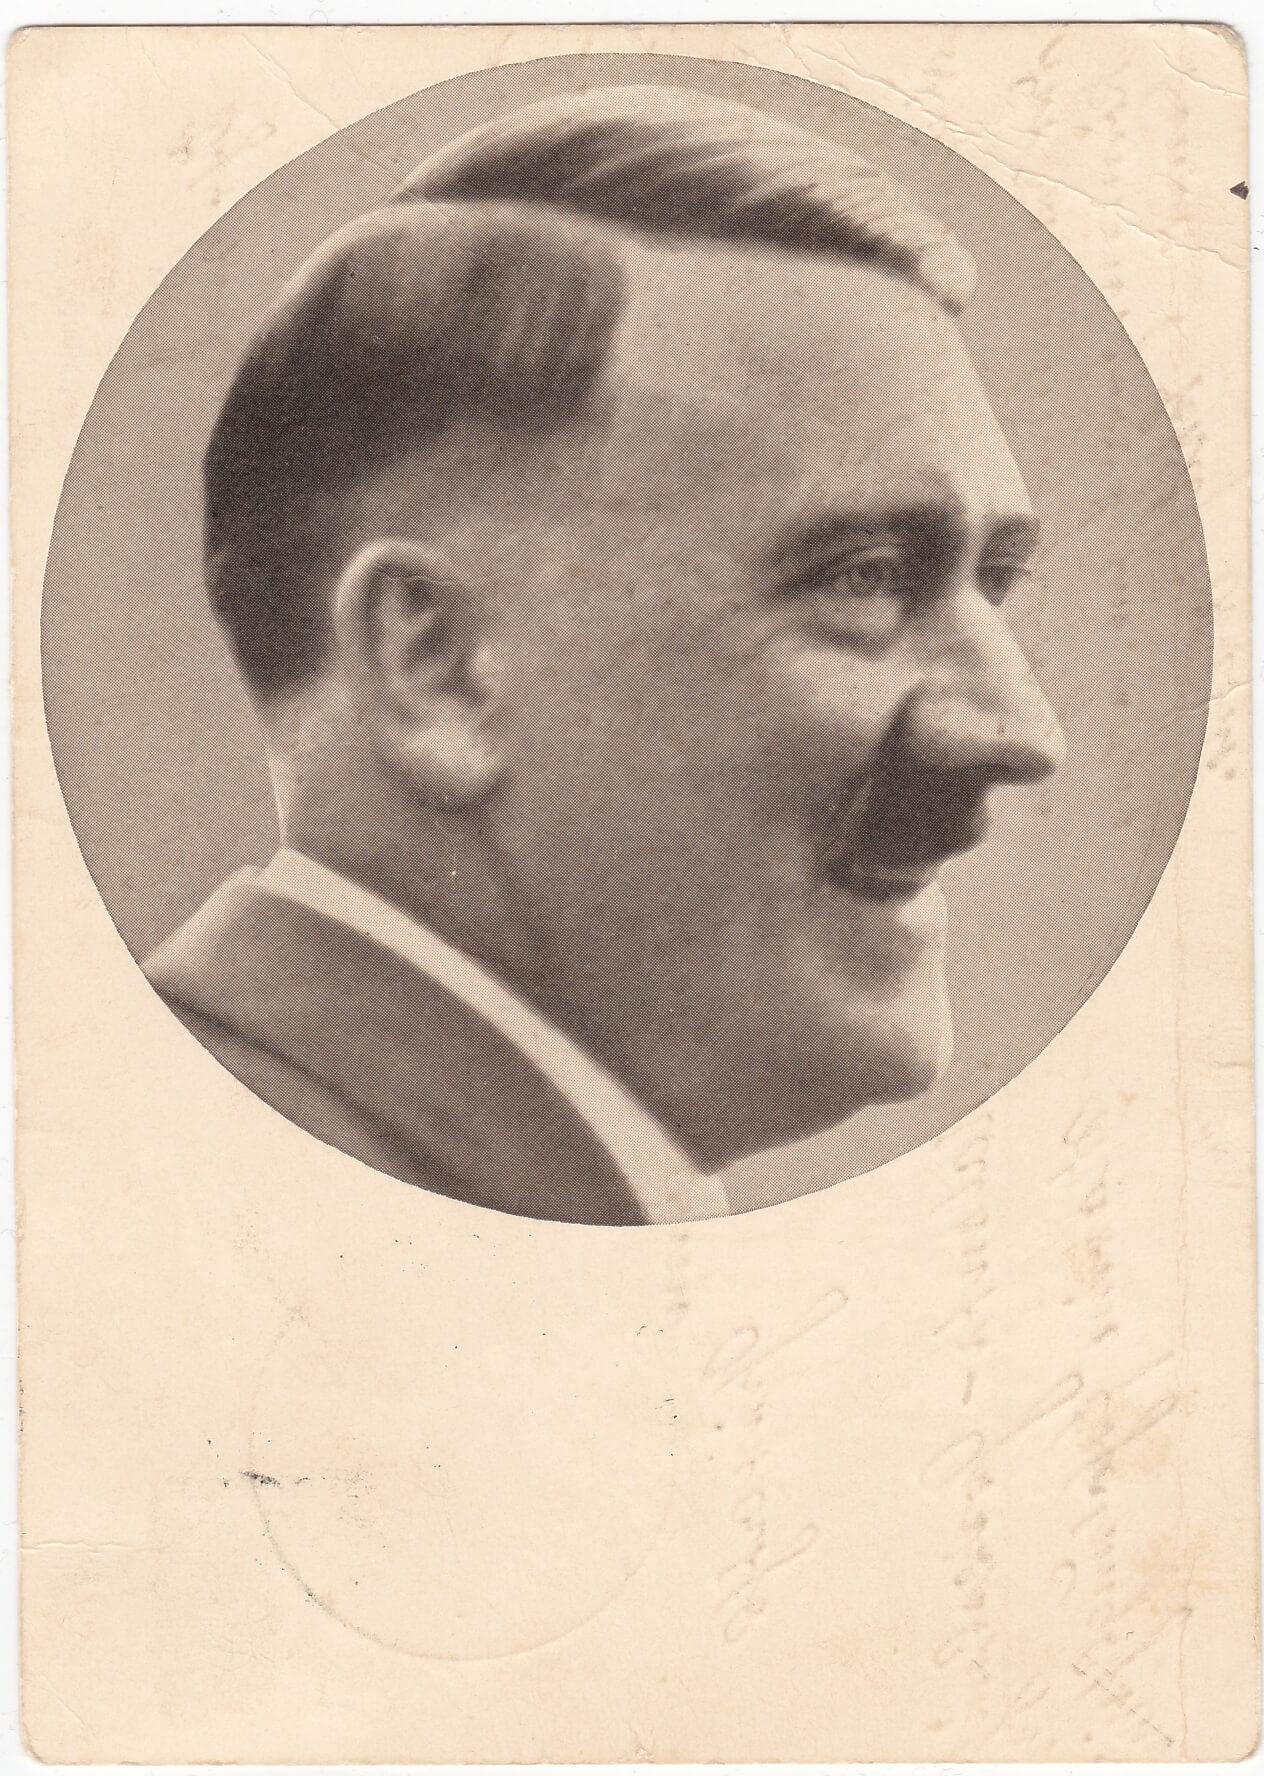 vroege foto adolf hitler